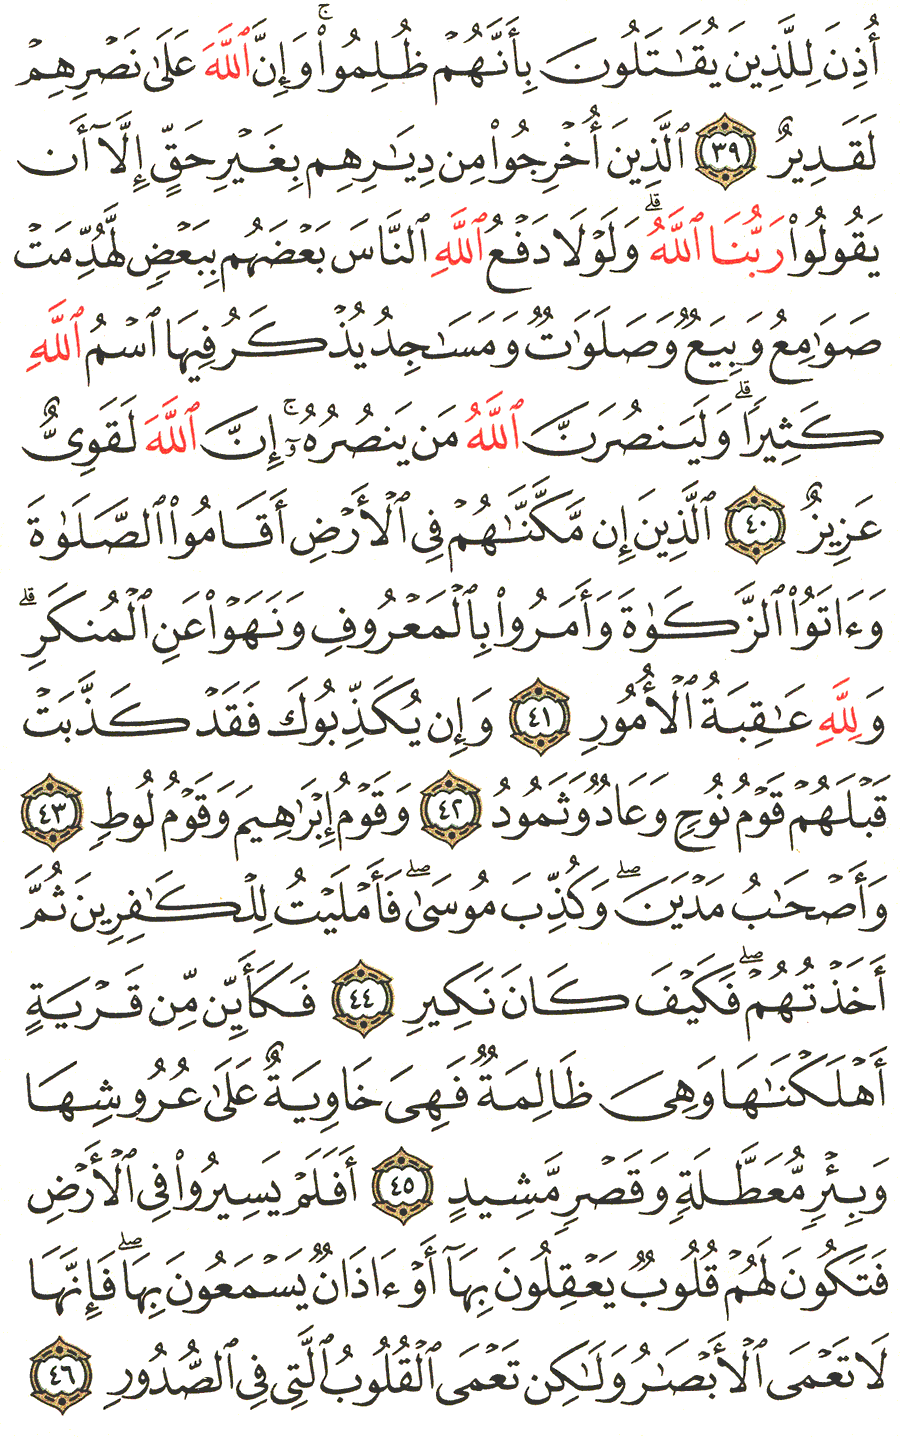 تفسير الآية 39 إلى 46 من سورة الحج التفسير الميسر